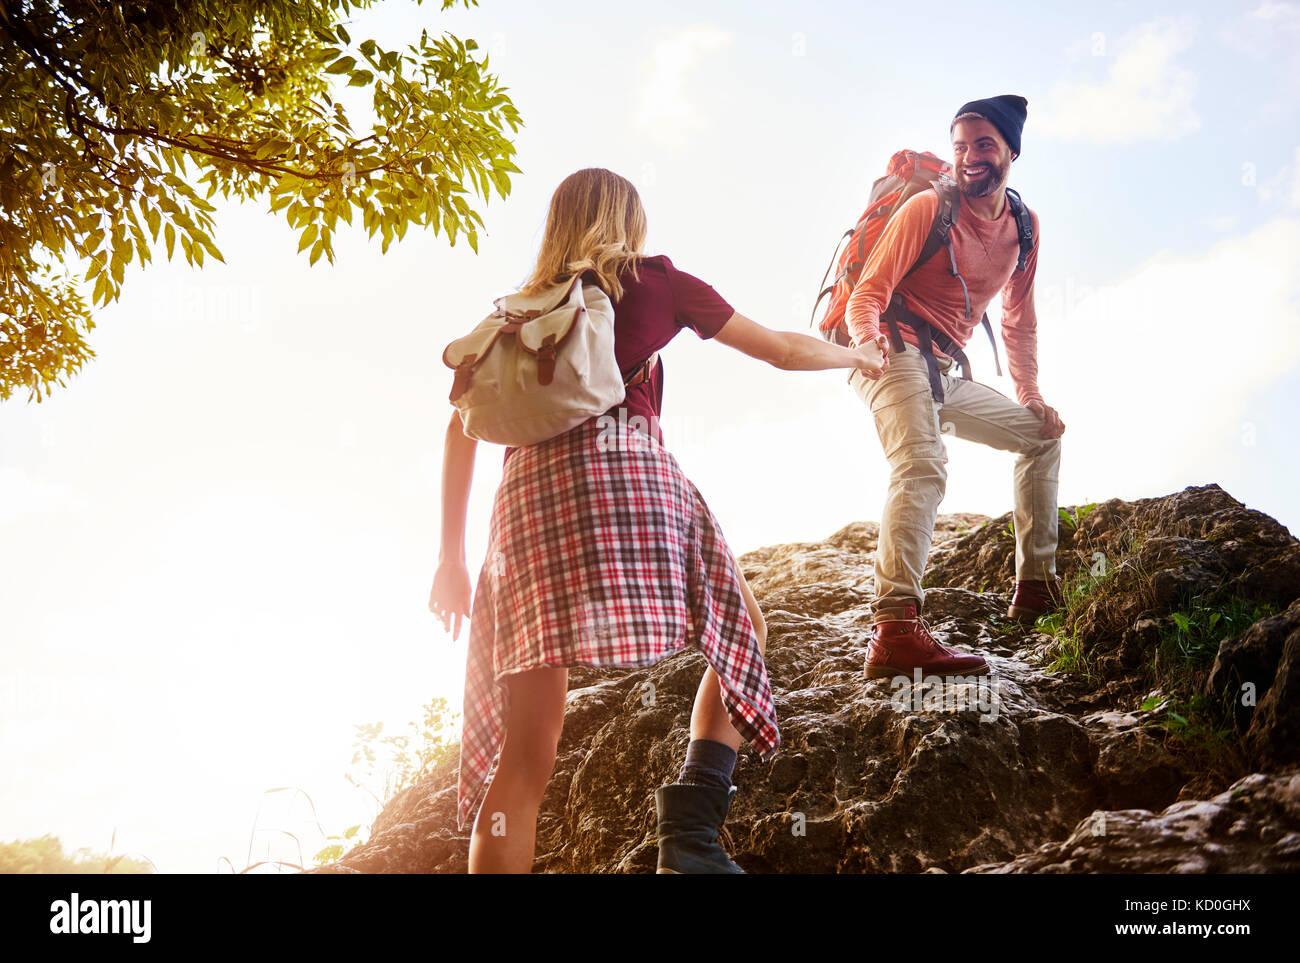 Excursión pareja sobre rocas, Cracovia, Malopolskie, Polonia, Europa Foto de stock